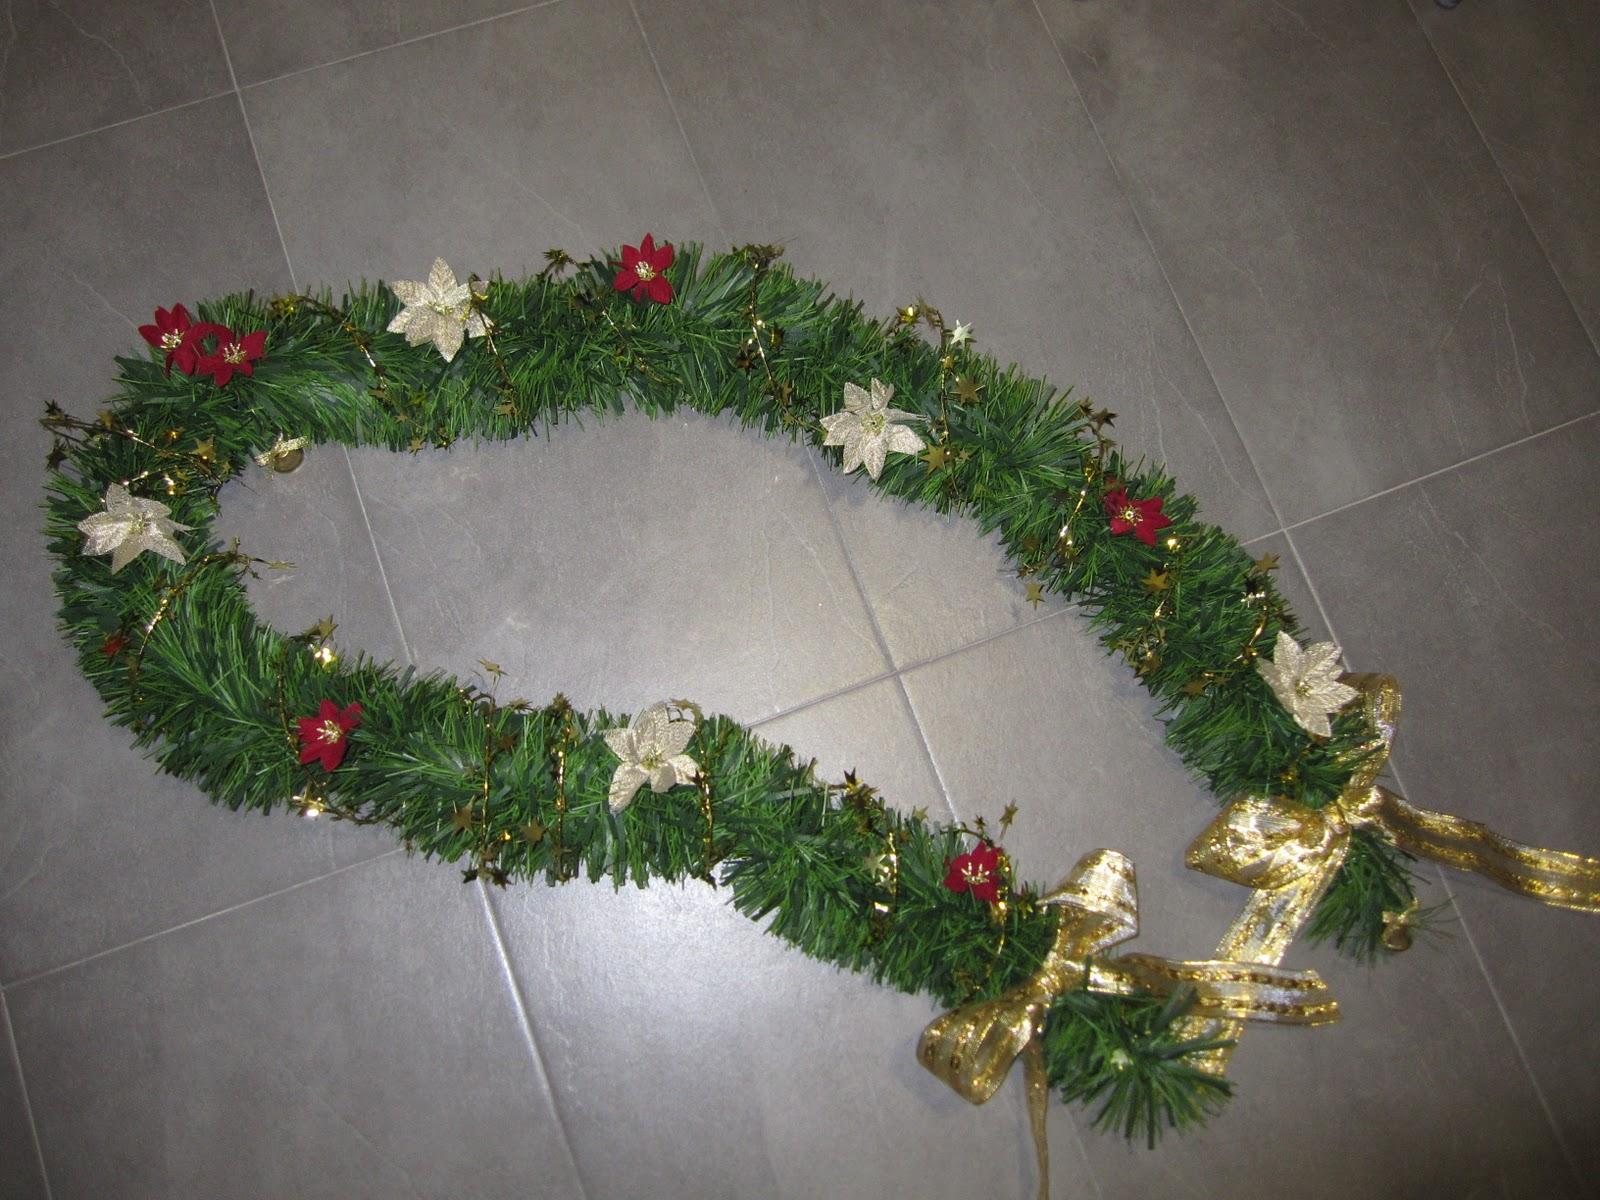 Cristina en casa decoraci n navide a para puertas y escaleras for Guirnaldas para puertas navidenas